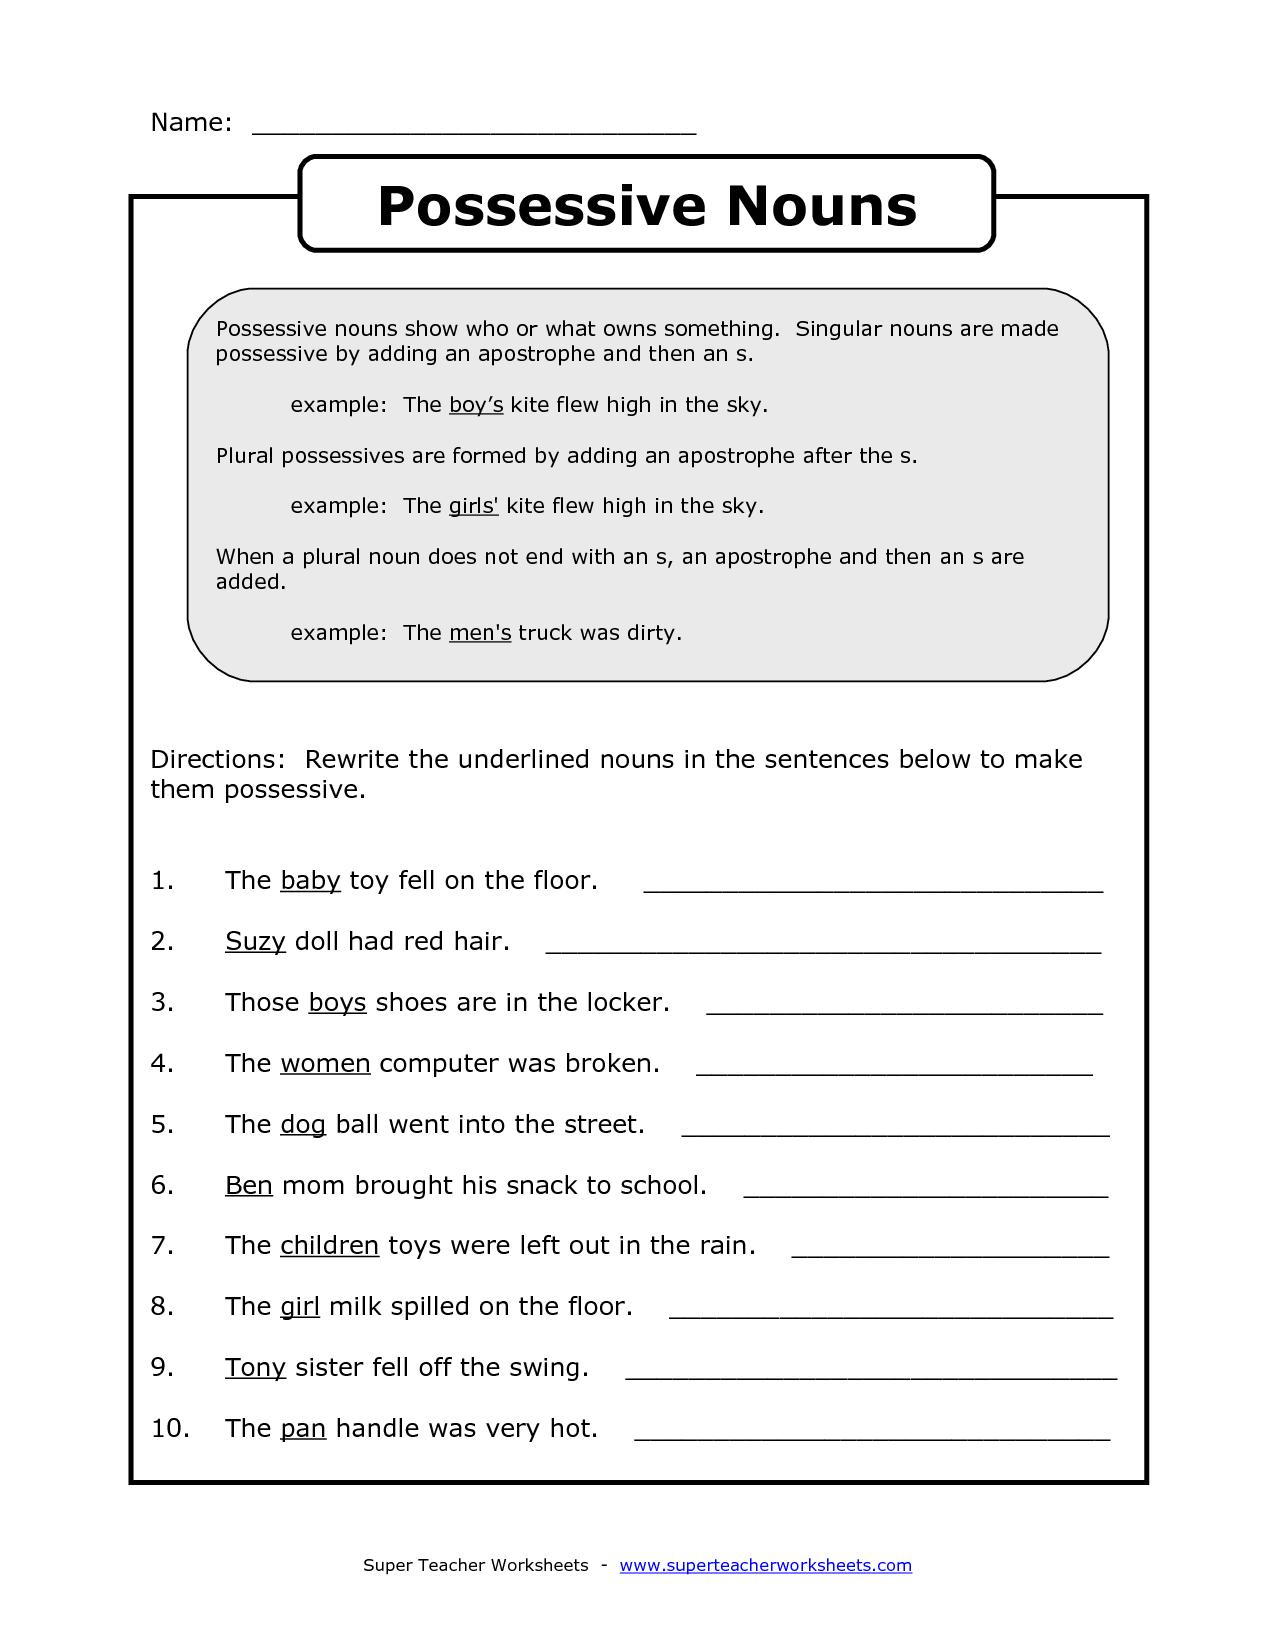 Posessive Nouns